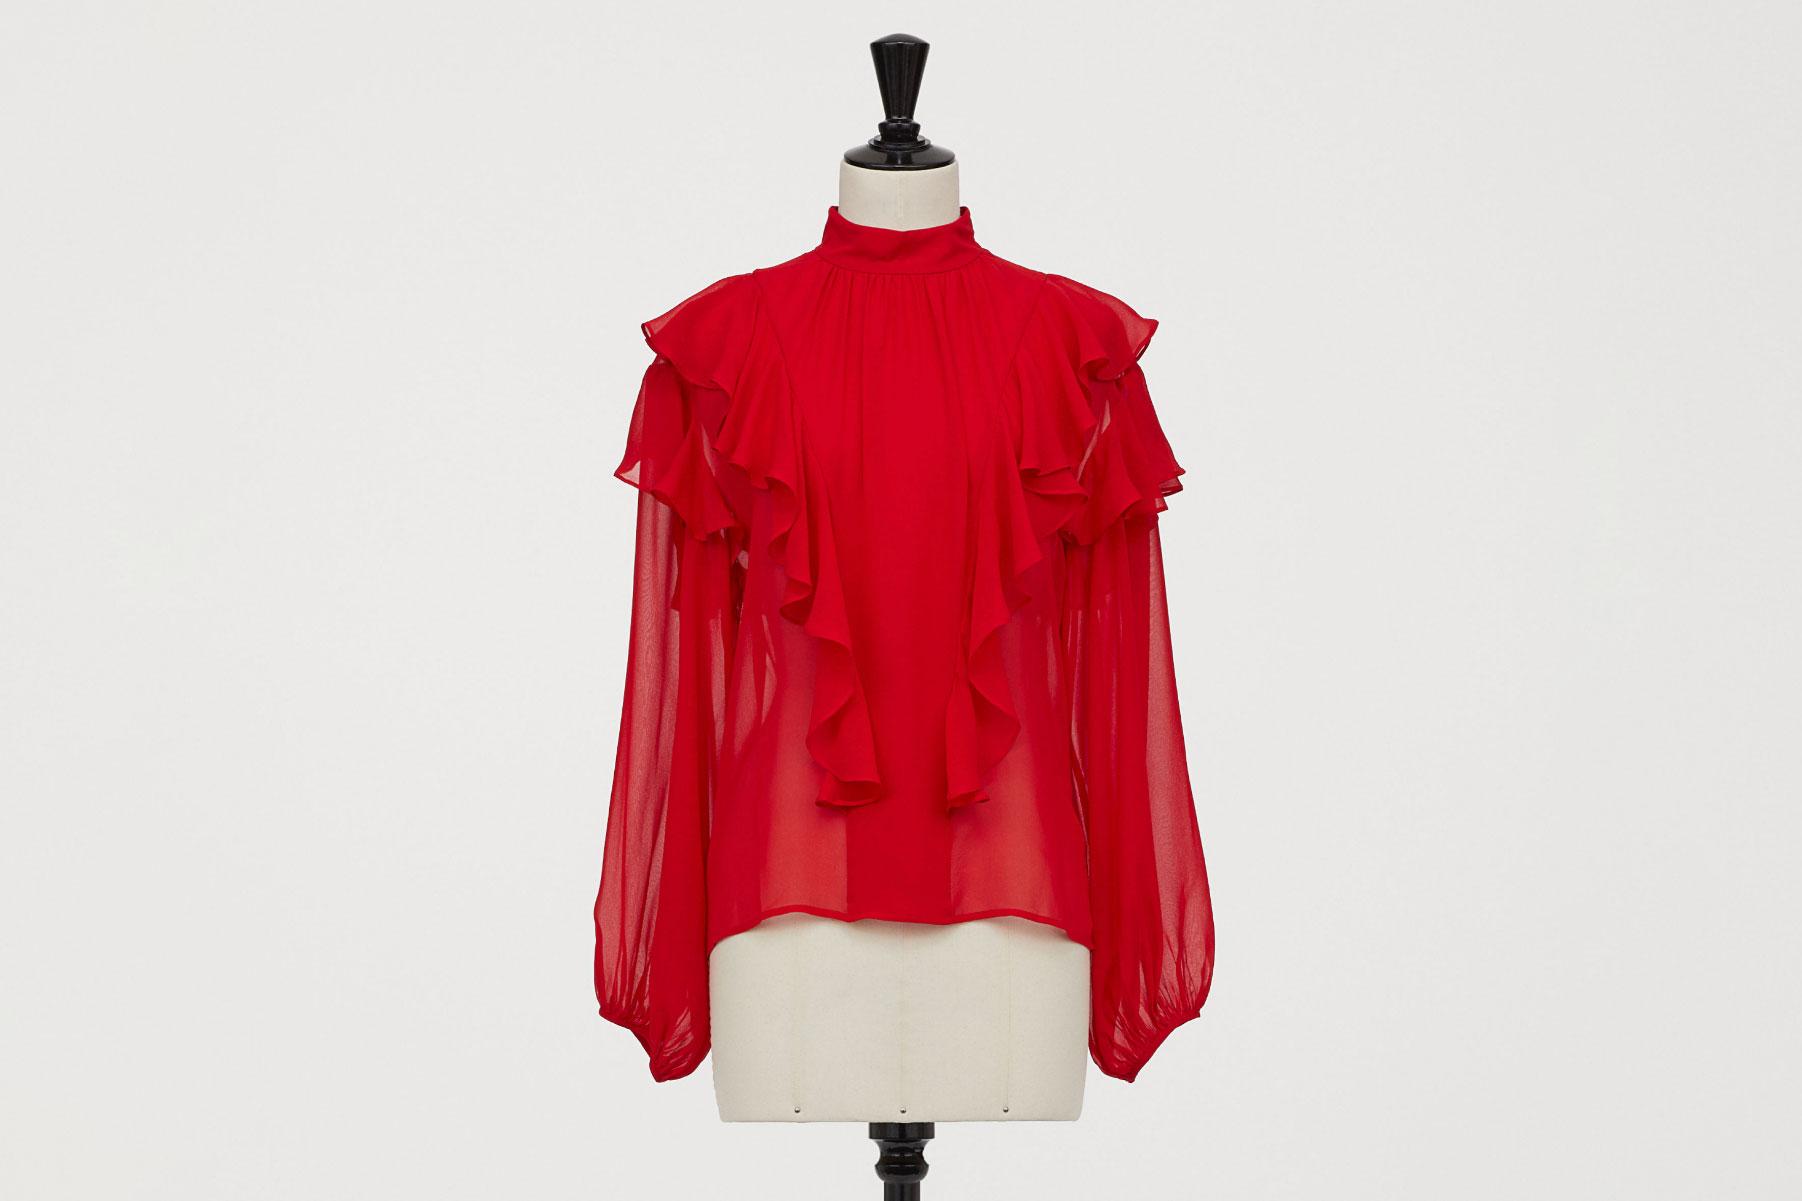 H&M x Giambattista Valli Silk Chiffon Blouse